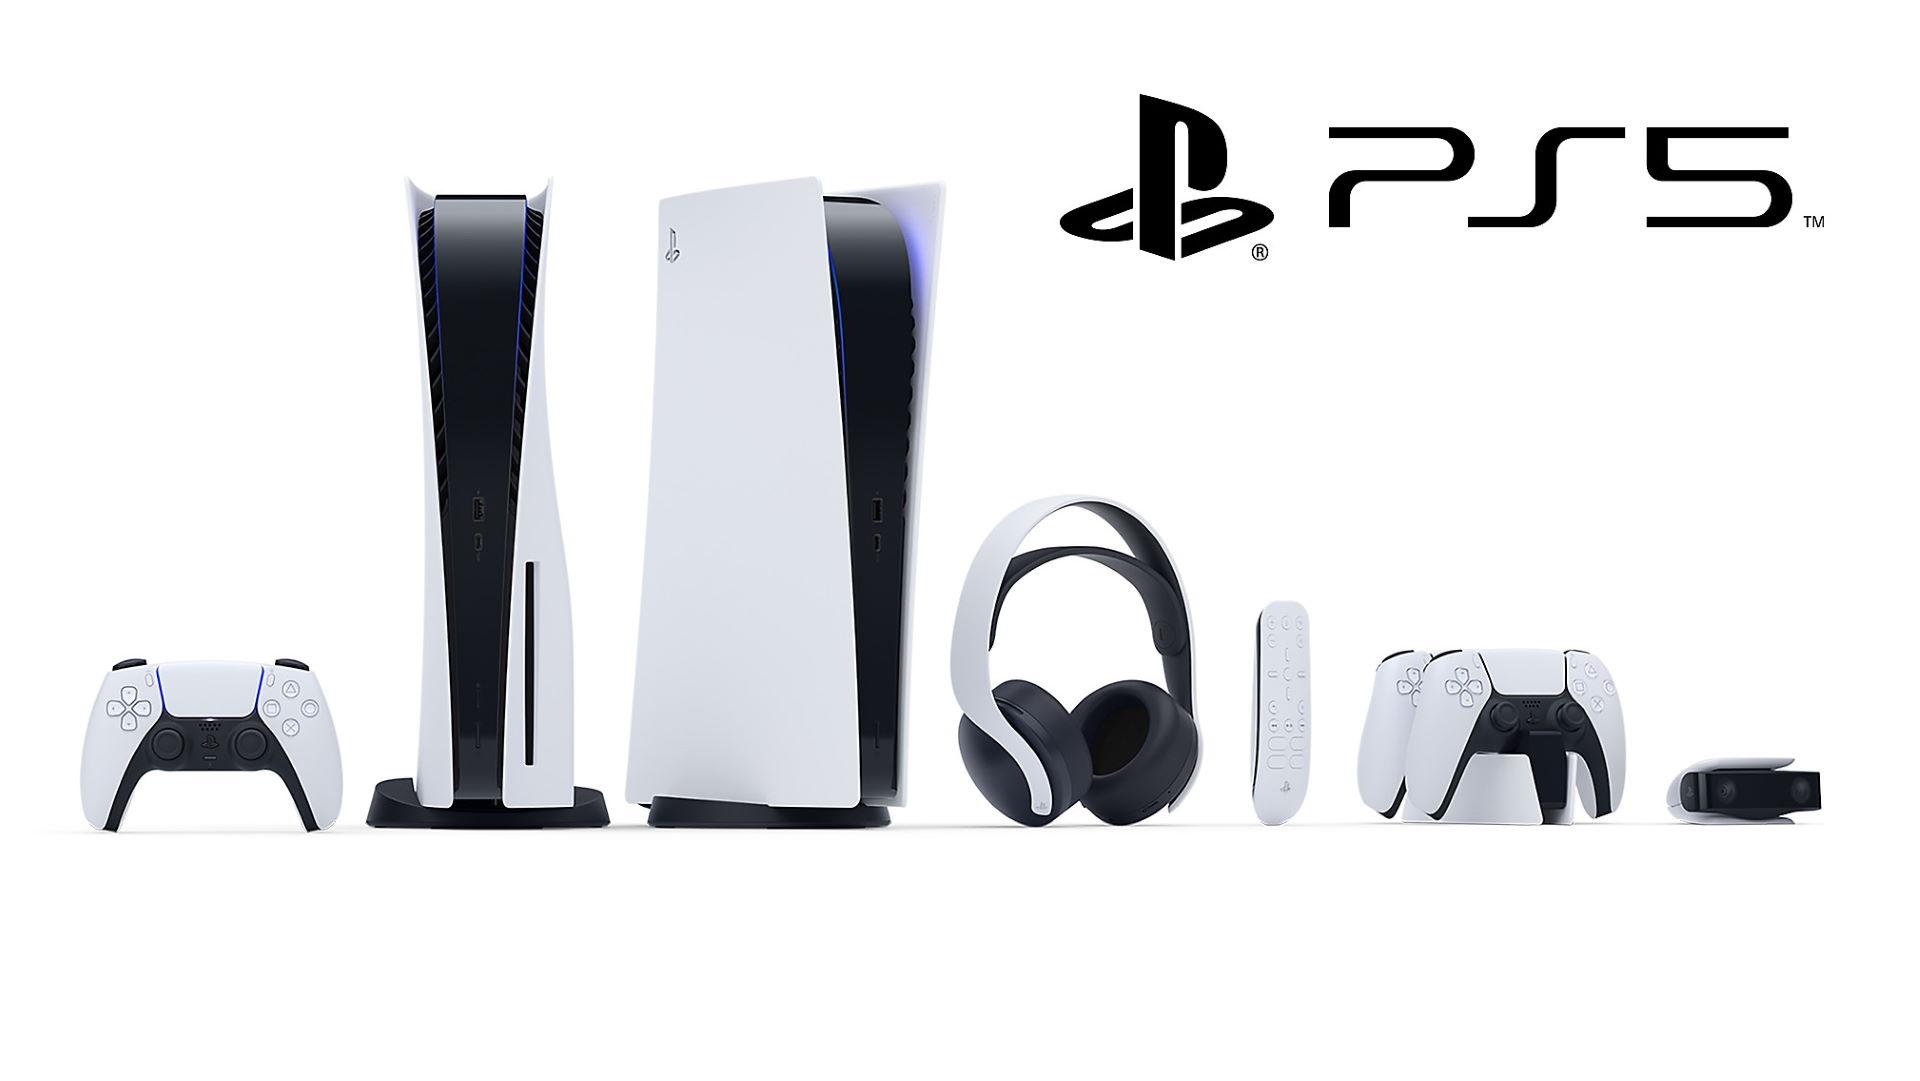 PlayStation 5. W nowej konsoli Sony zastosowano różne wentylatory